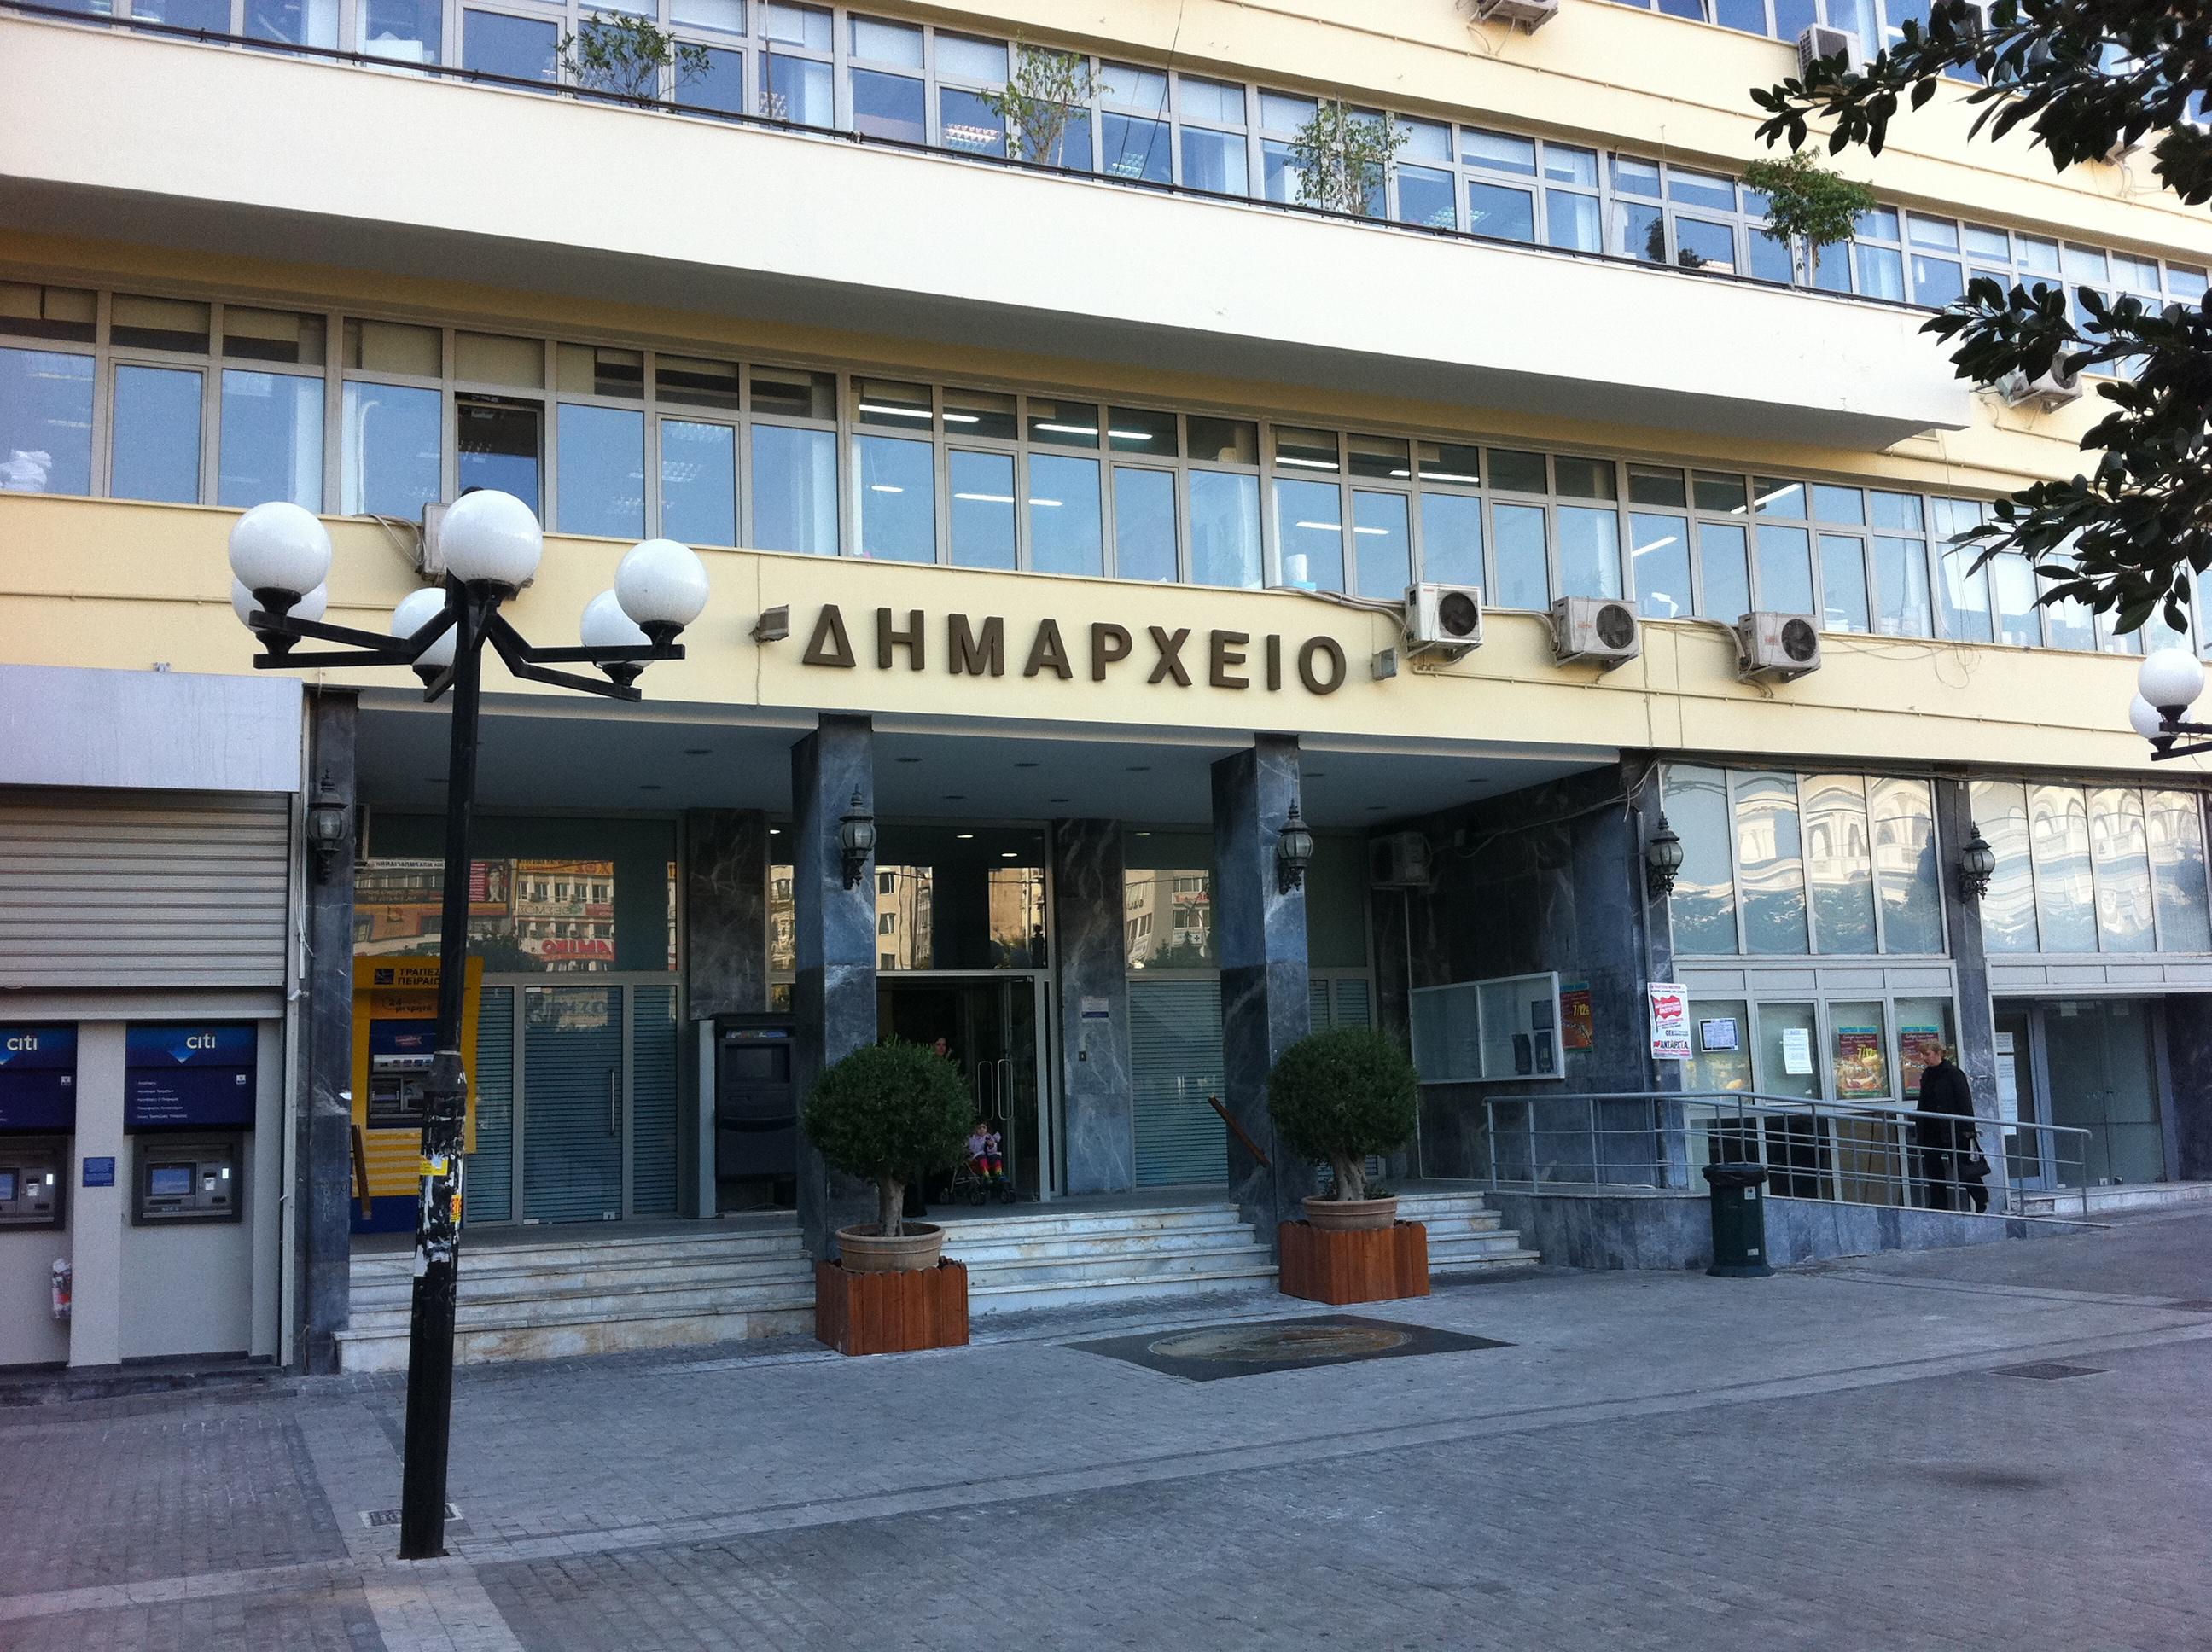 Ο Δήμος Πειραιά έχει τη δυνατότητα να κατασκευάσει και γήπεδα και κολυμβητήριο…